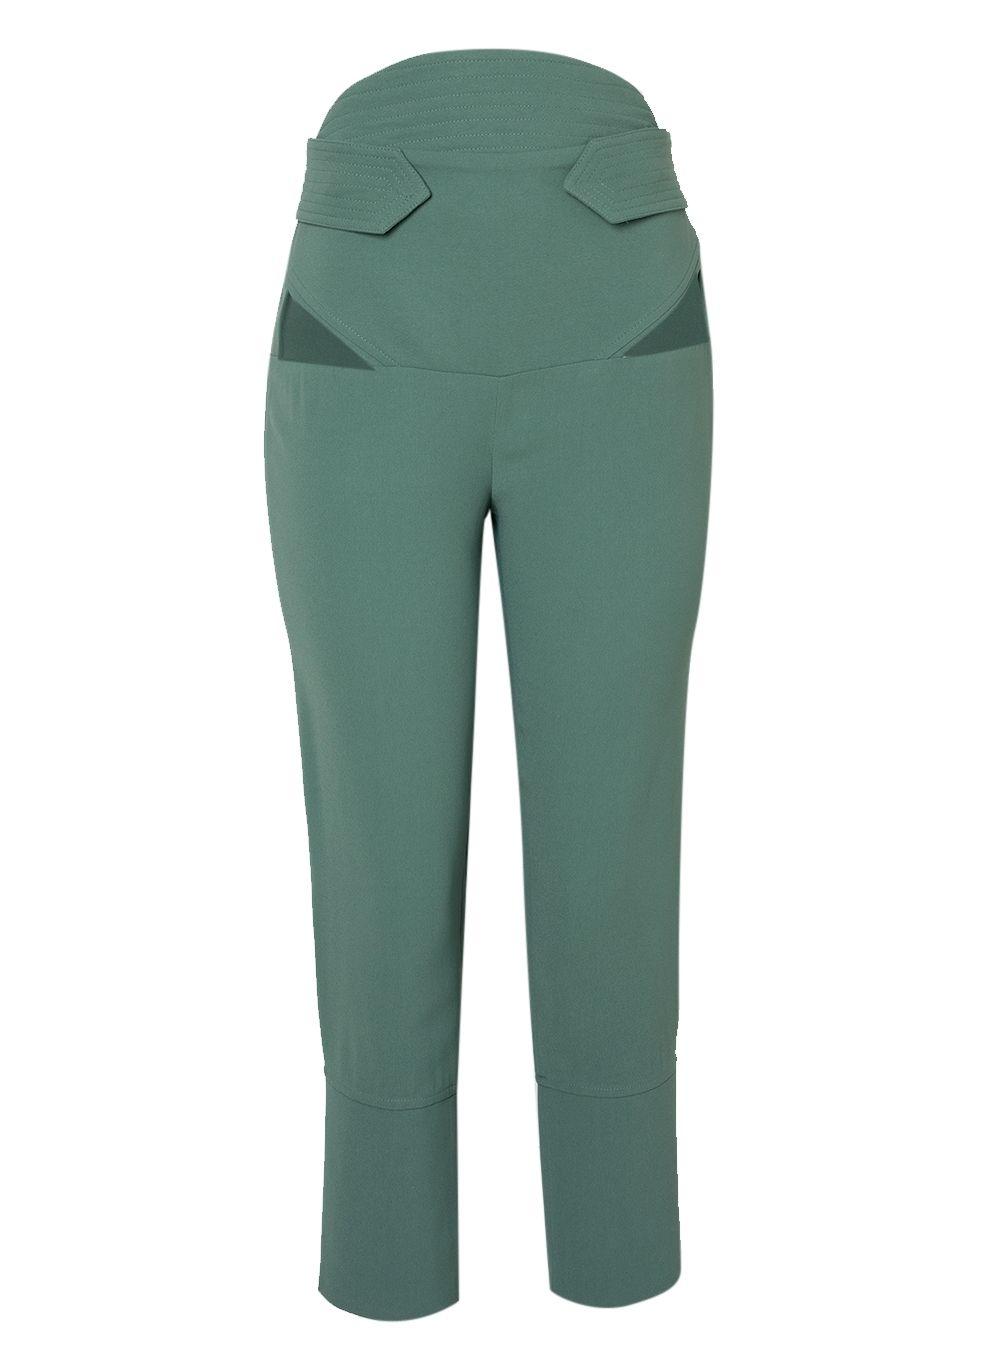 Resultado de imagem para calças sociais gestante | Megadose